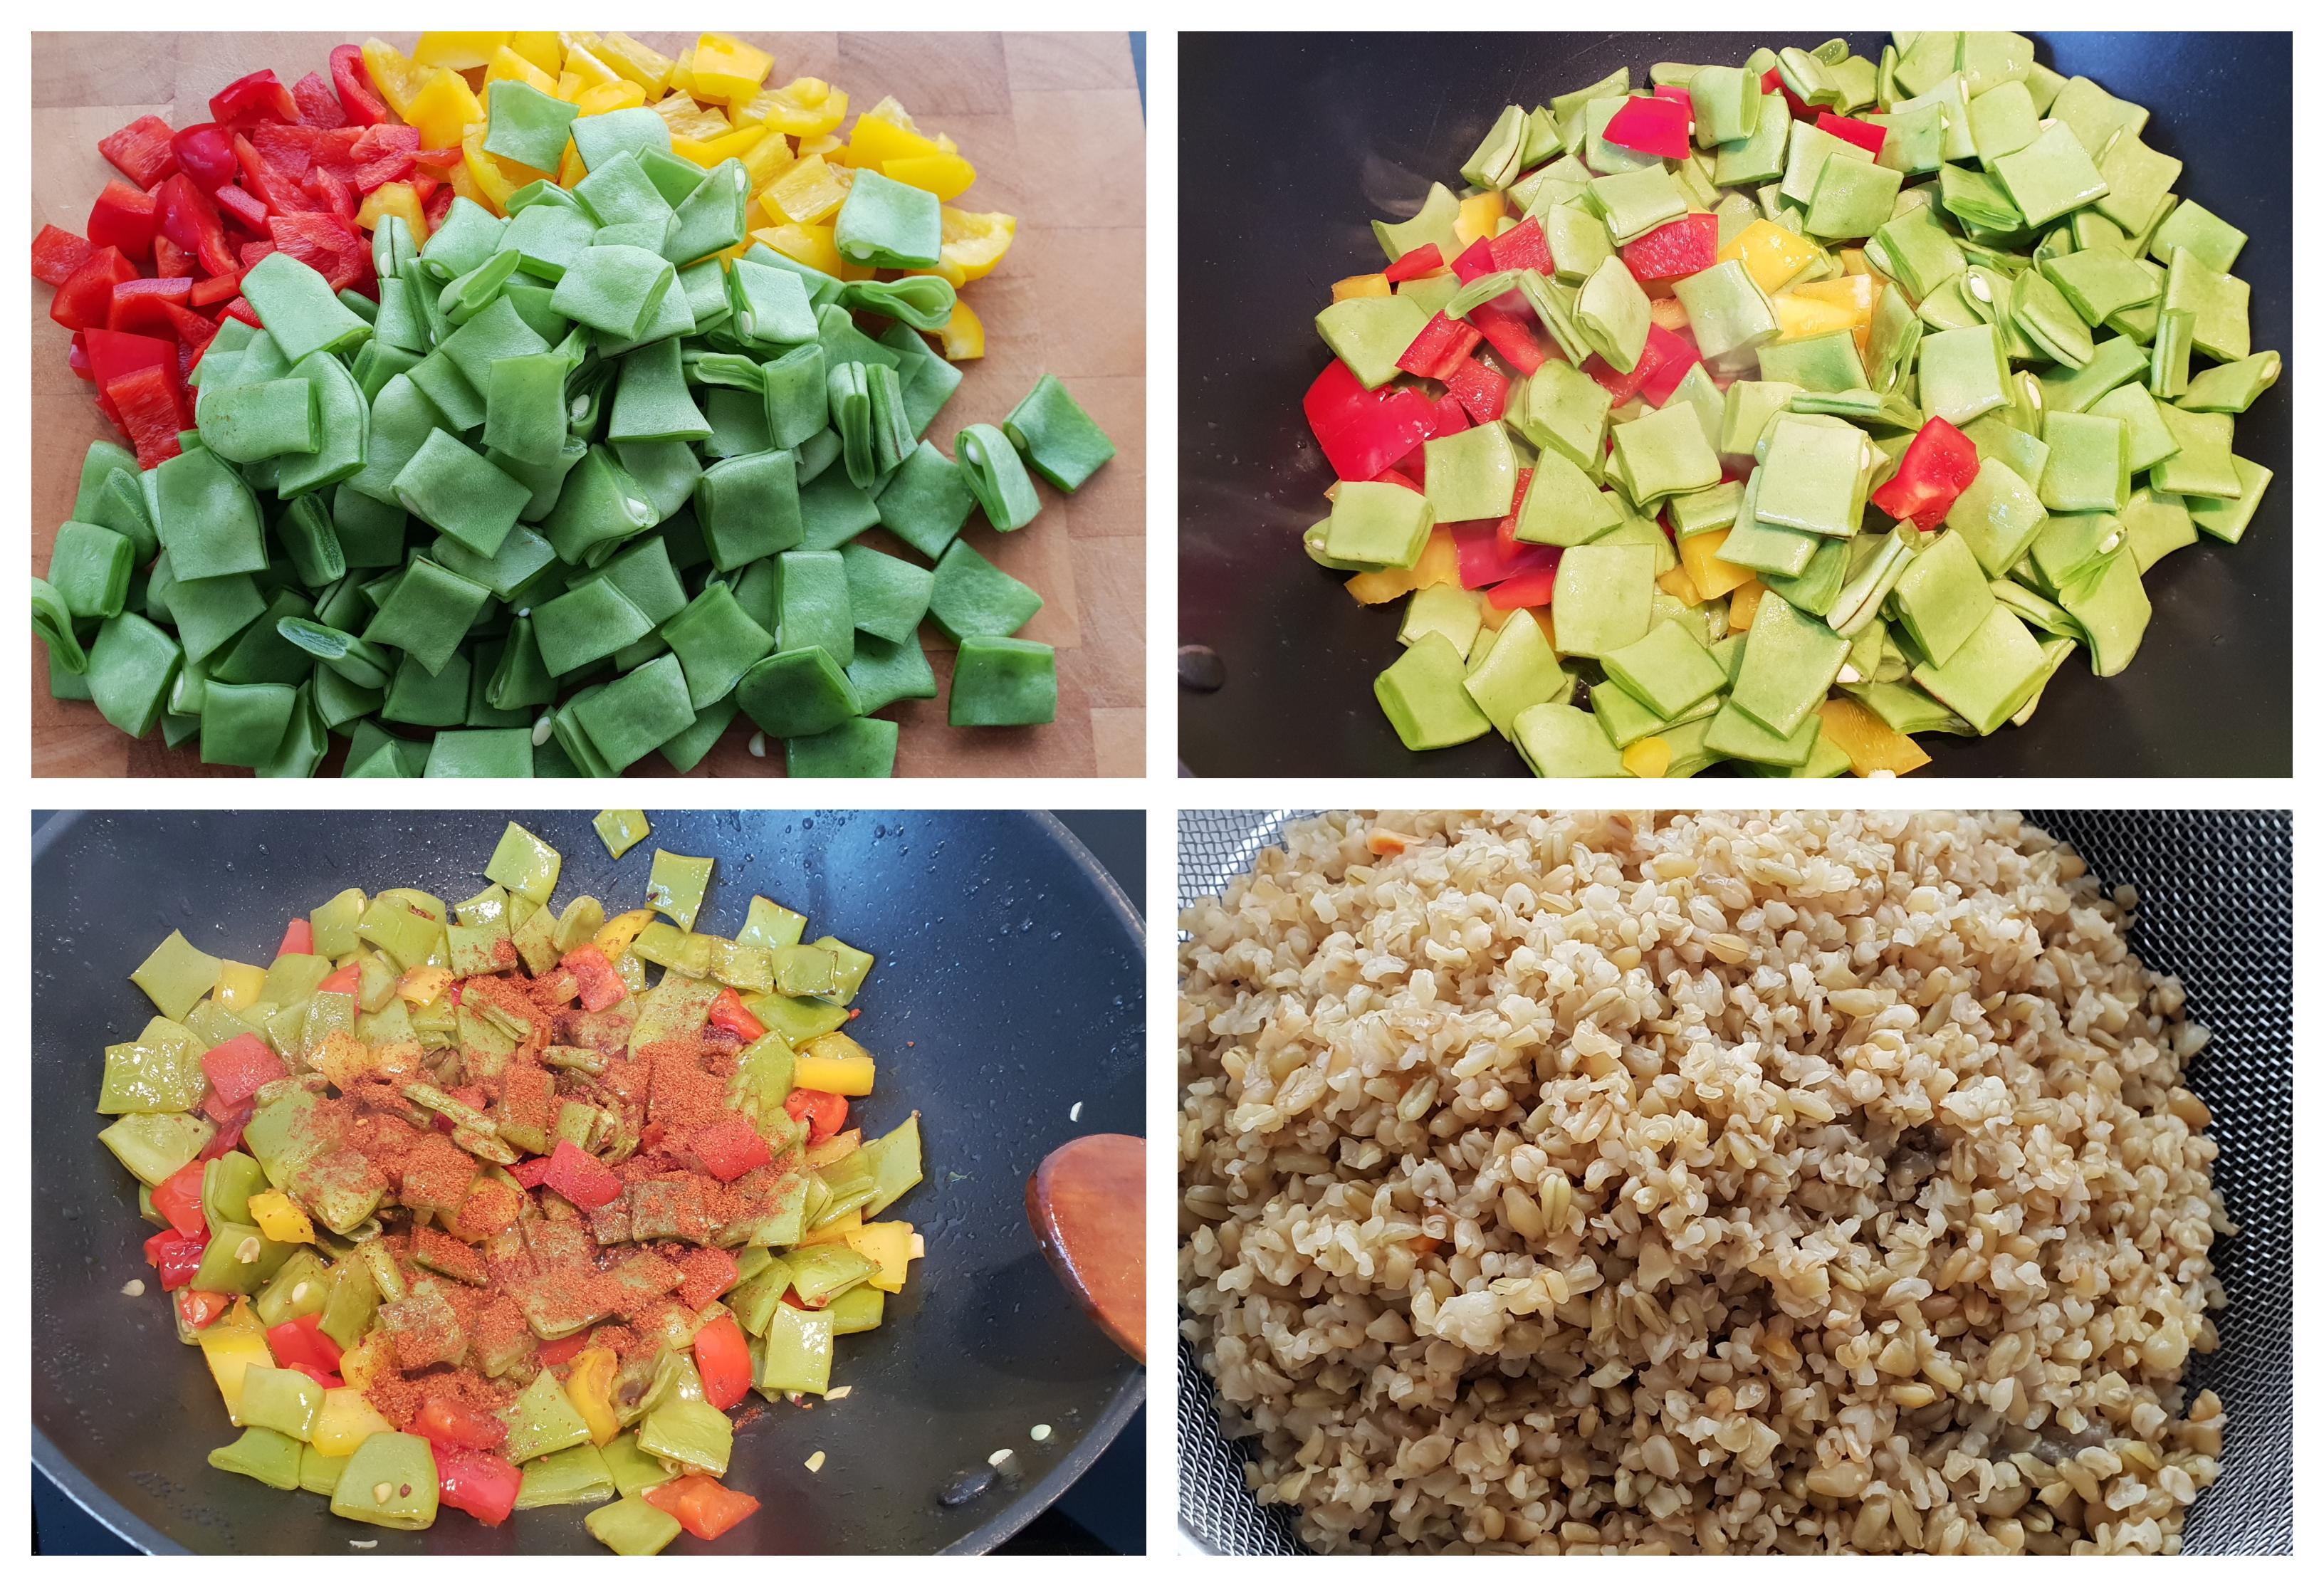 Groente en freekeh voorbereiden